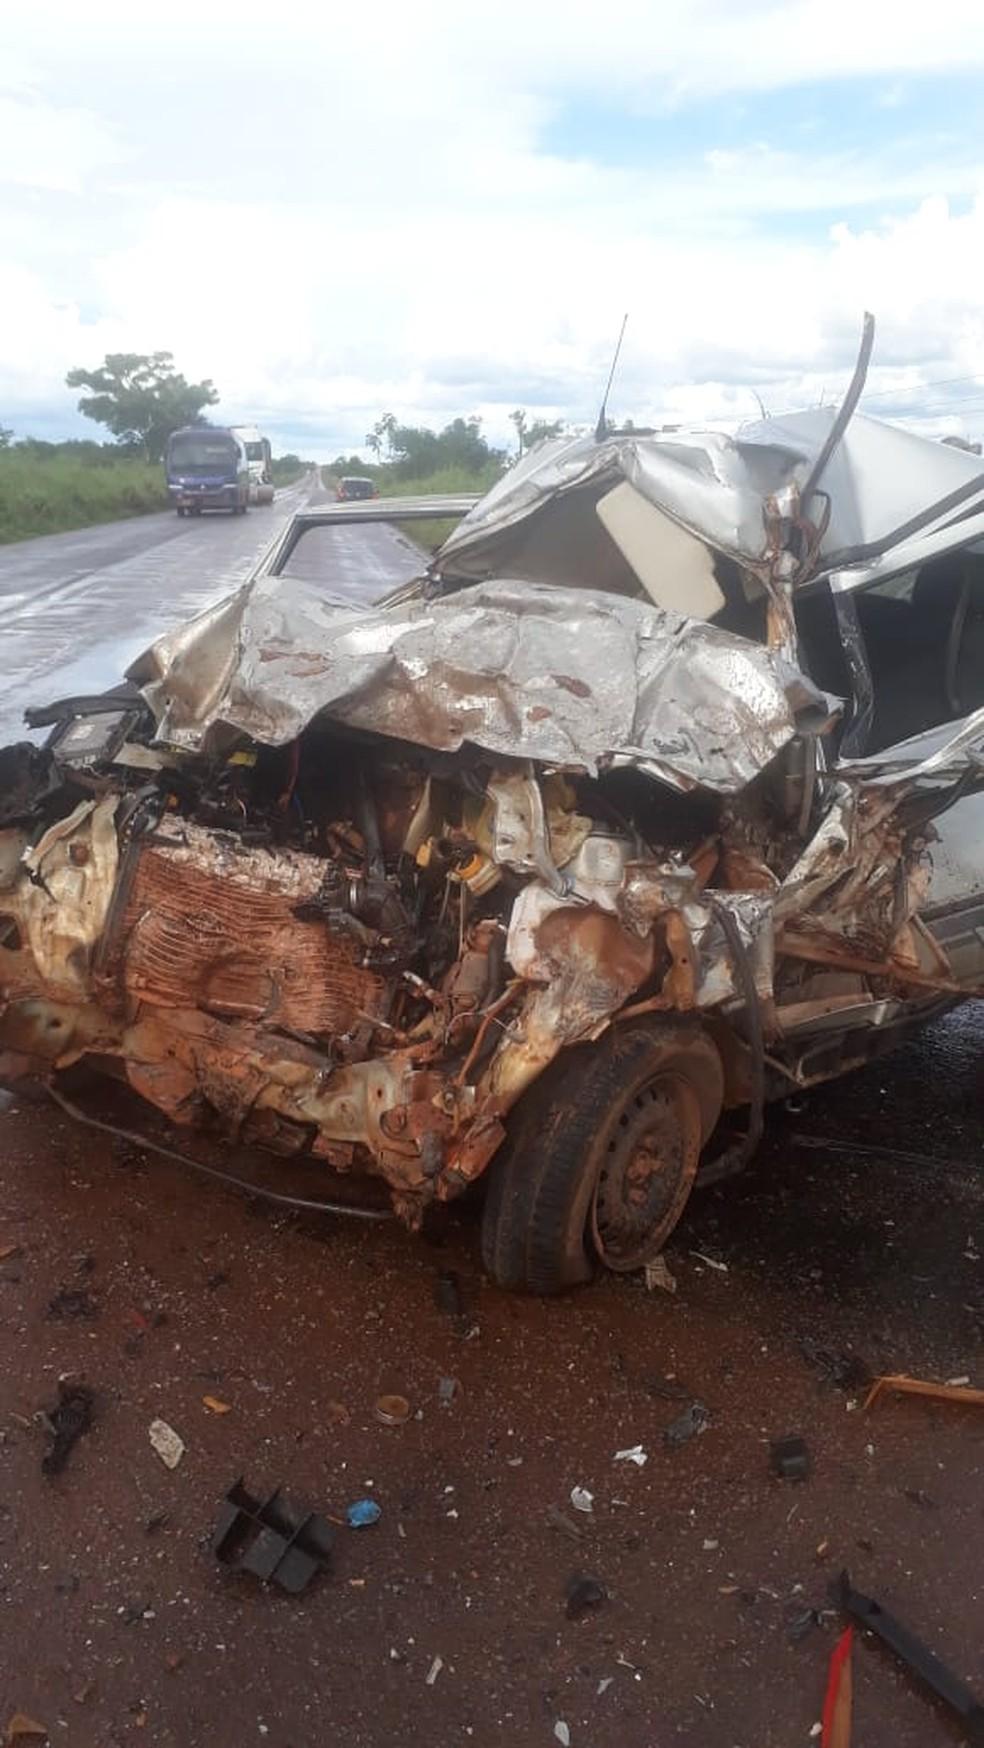 Dois homens morreram nessa terça-feira (17) em um acidente na MT-437, região de Confresa (MT) — Foto: Agência da Notícia